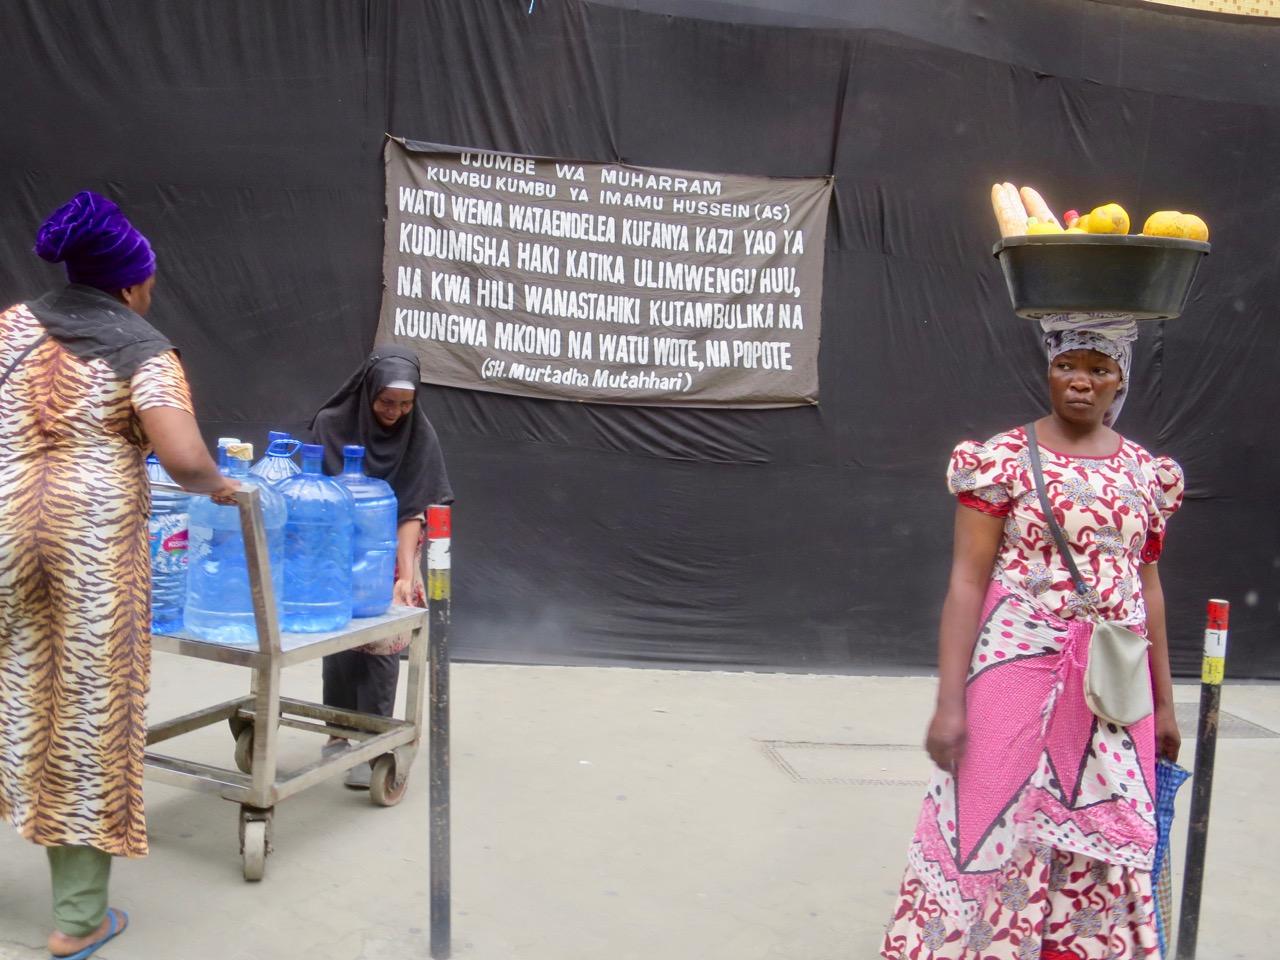 Dar es Salaam 1 19